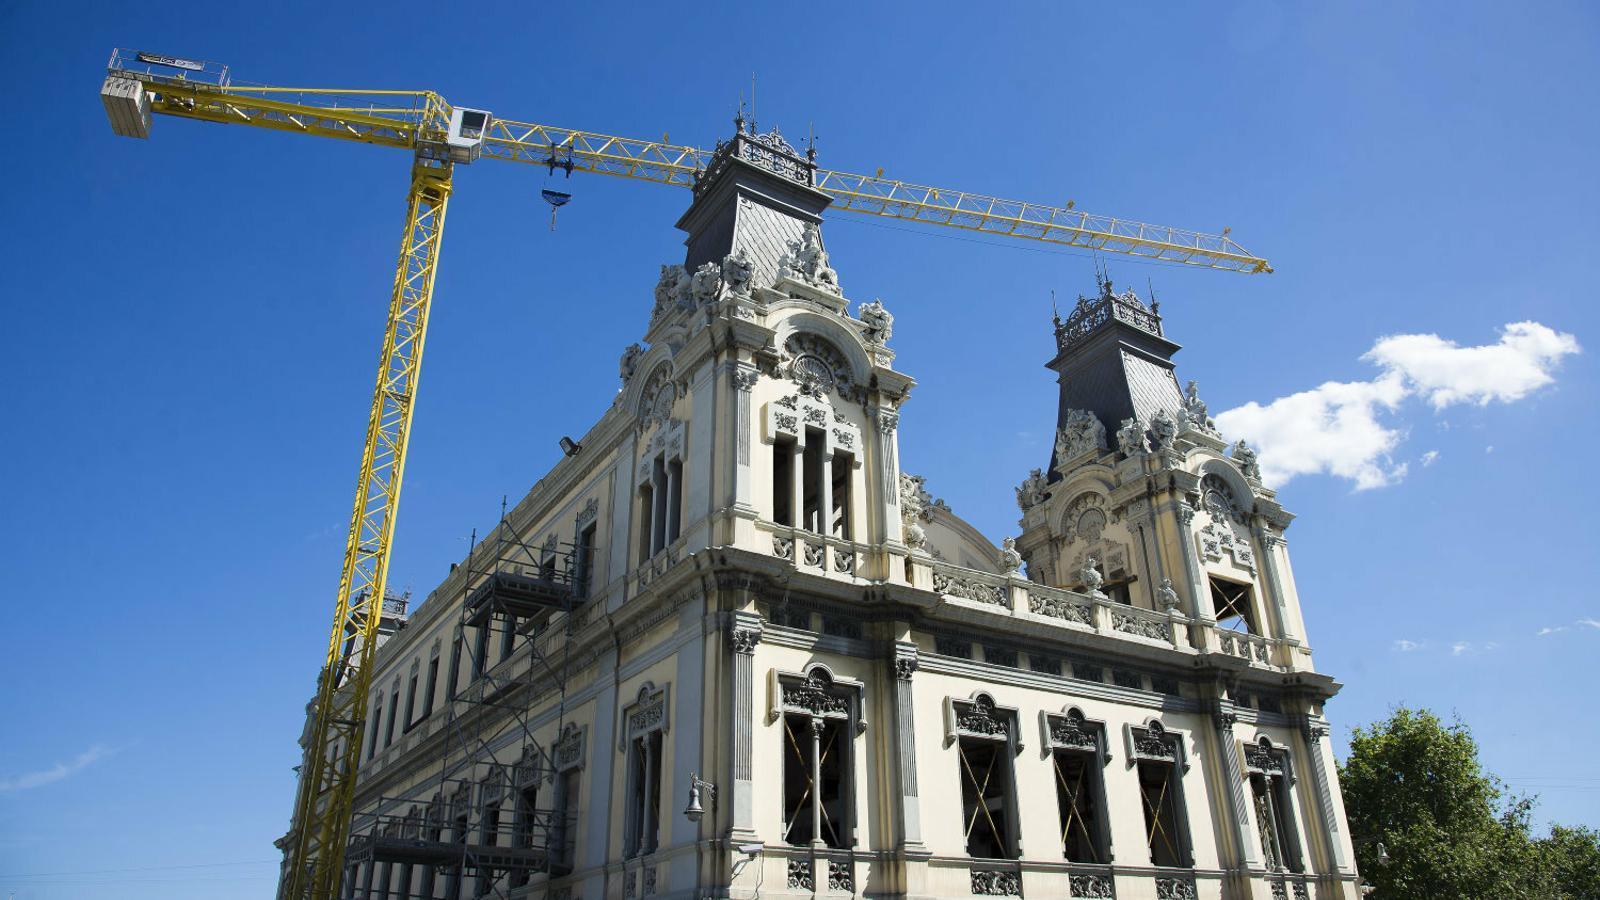 El govern espanyol suspèn les obres que interfereixin altres activitats per evitar el contacte personal